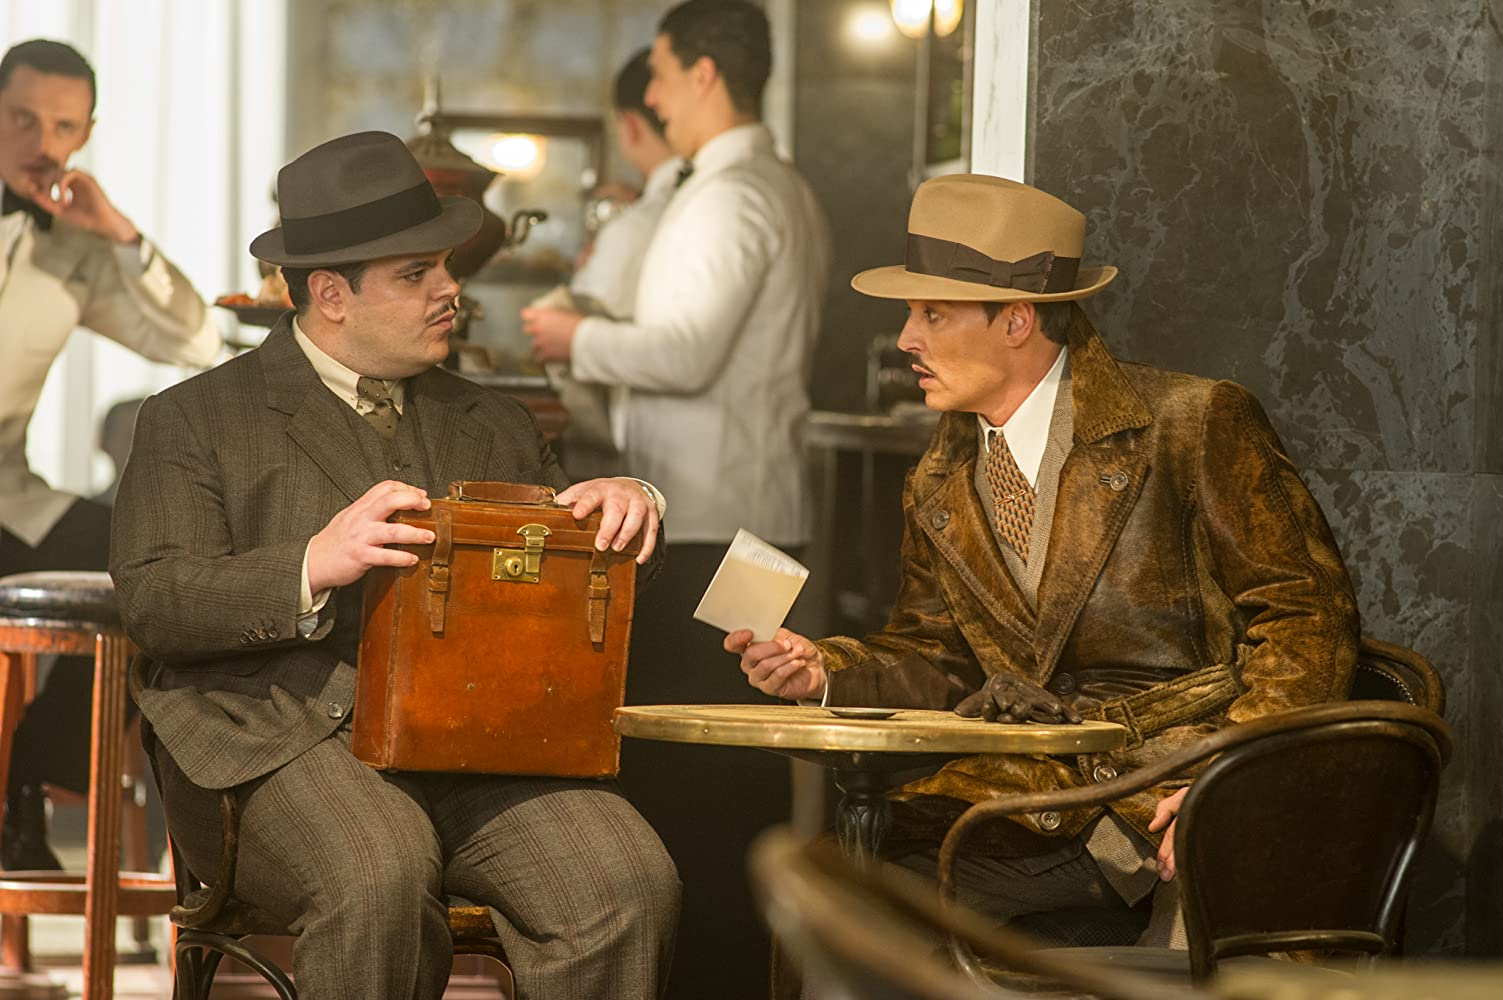 Johnny Depp, Josh Gad, and Sergei Polunin in Murder on the Orient Express (2017)